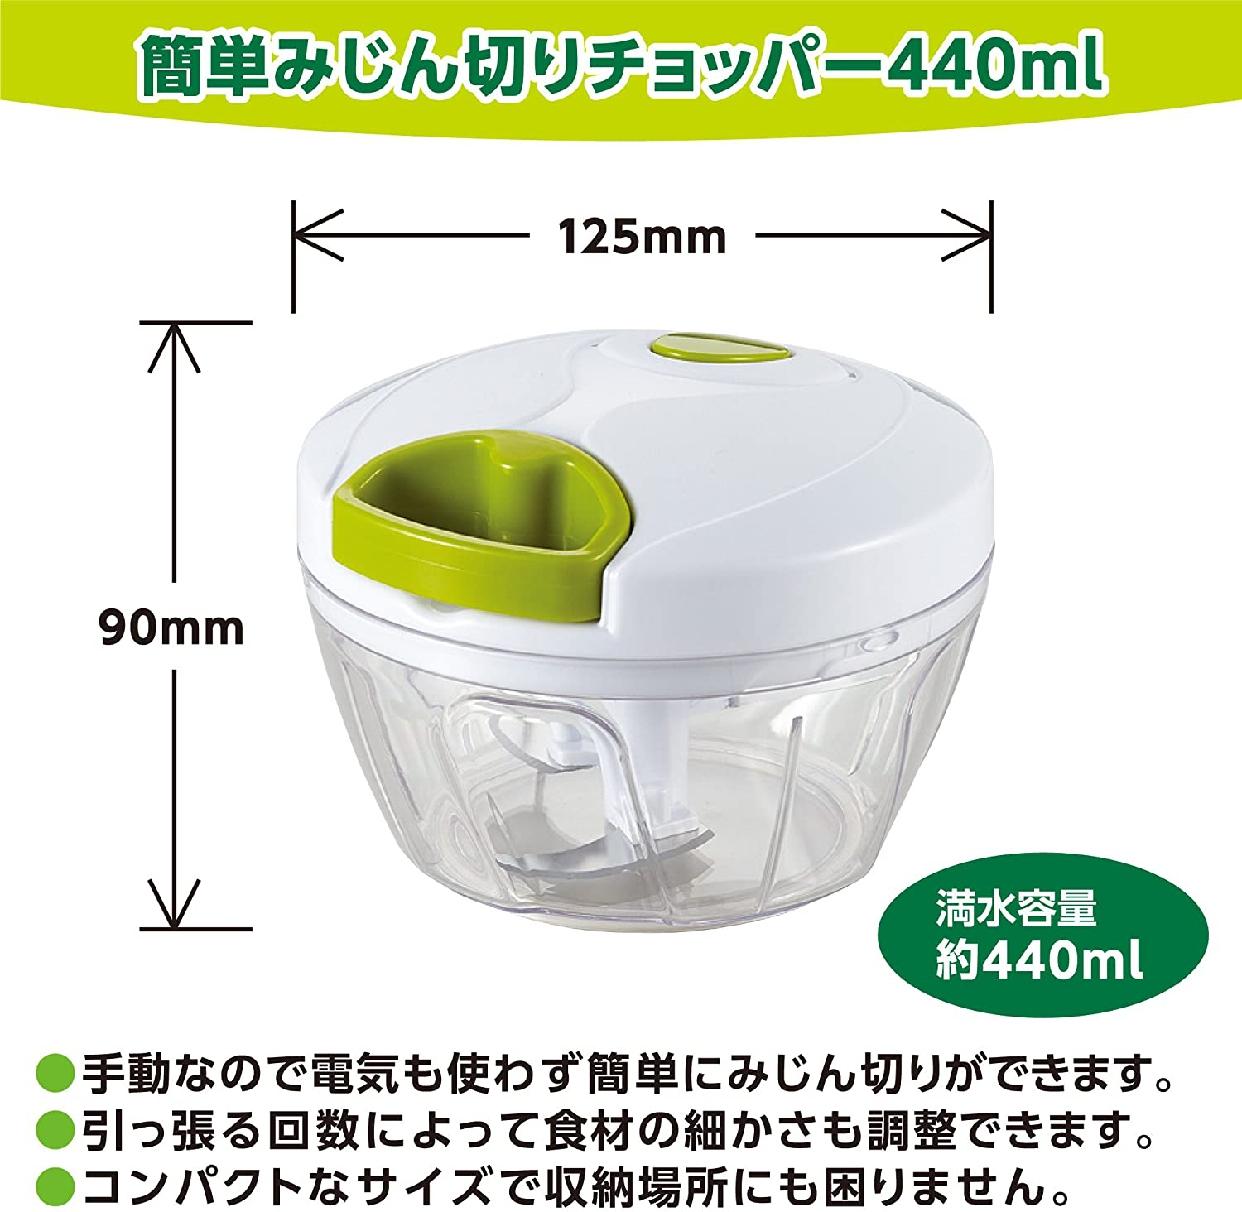 竹原製罐(たけかん)簡単みじん切りチョッパー A-80 ホワイトの商品画像2